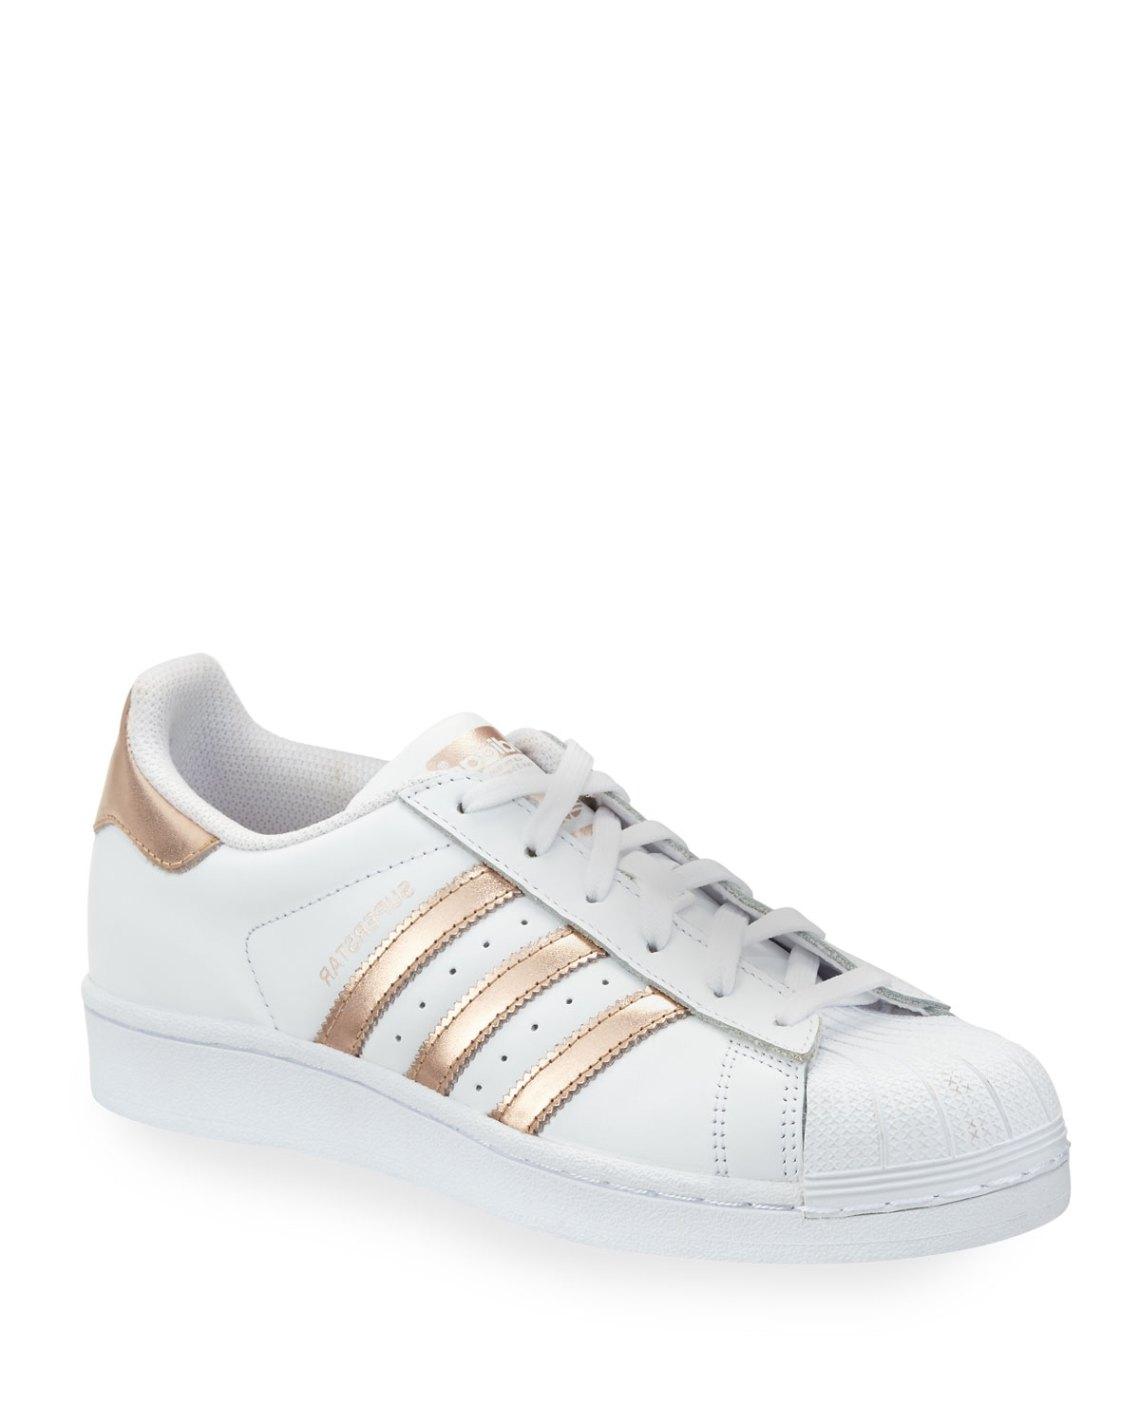 Original Adidas 3